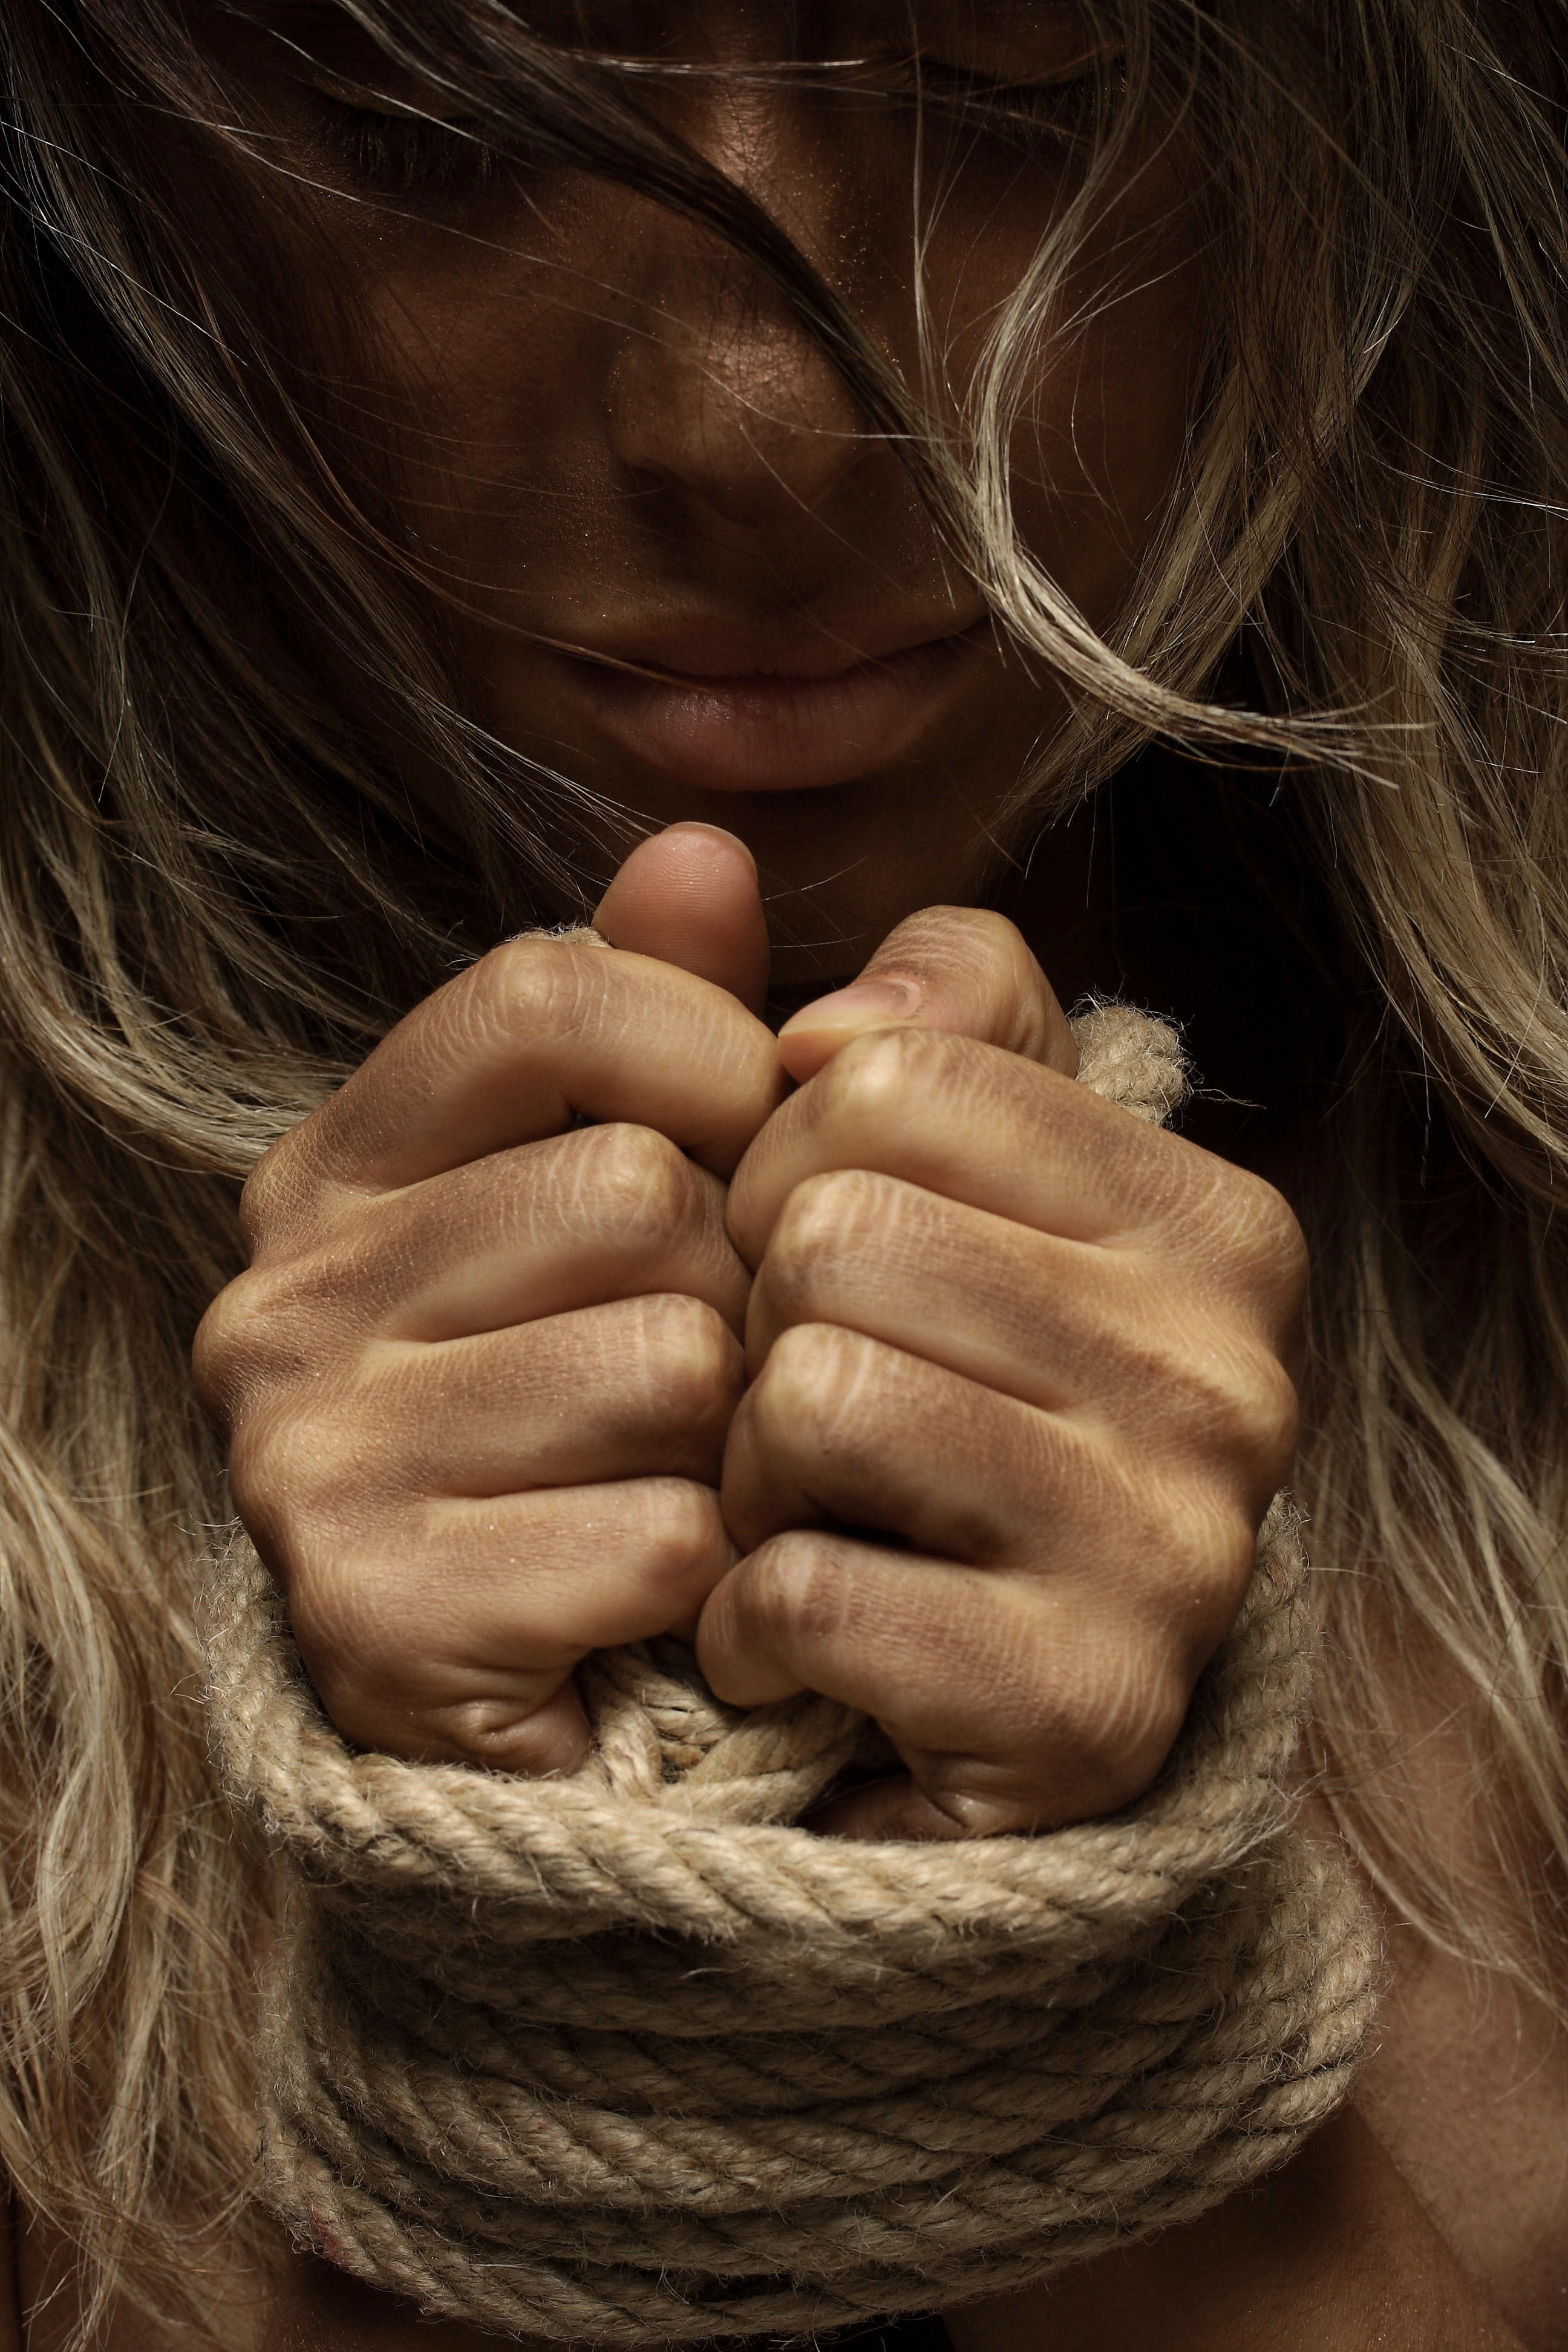 Human Trafficking 2020-2022